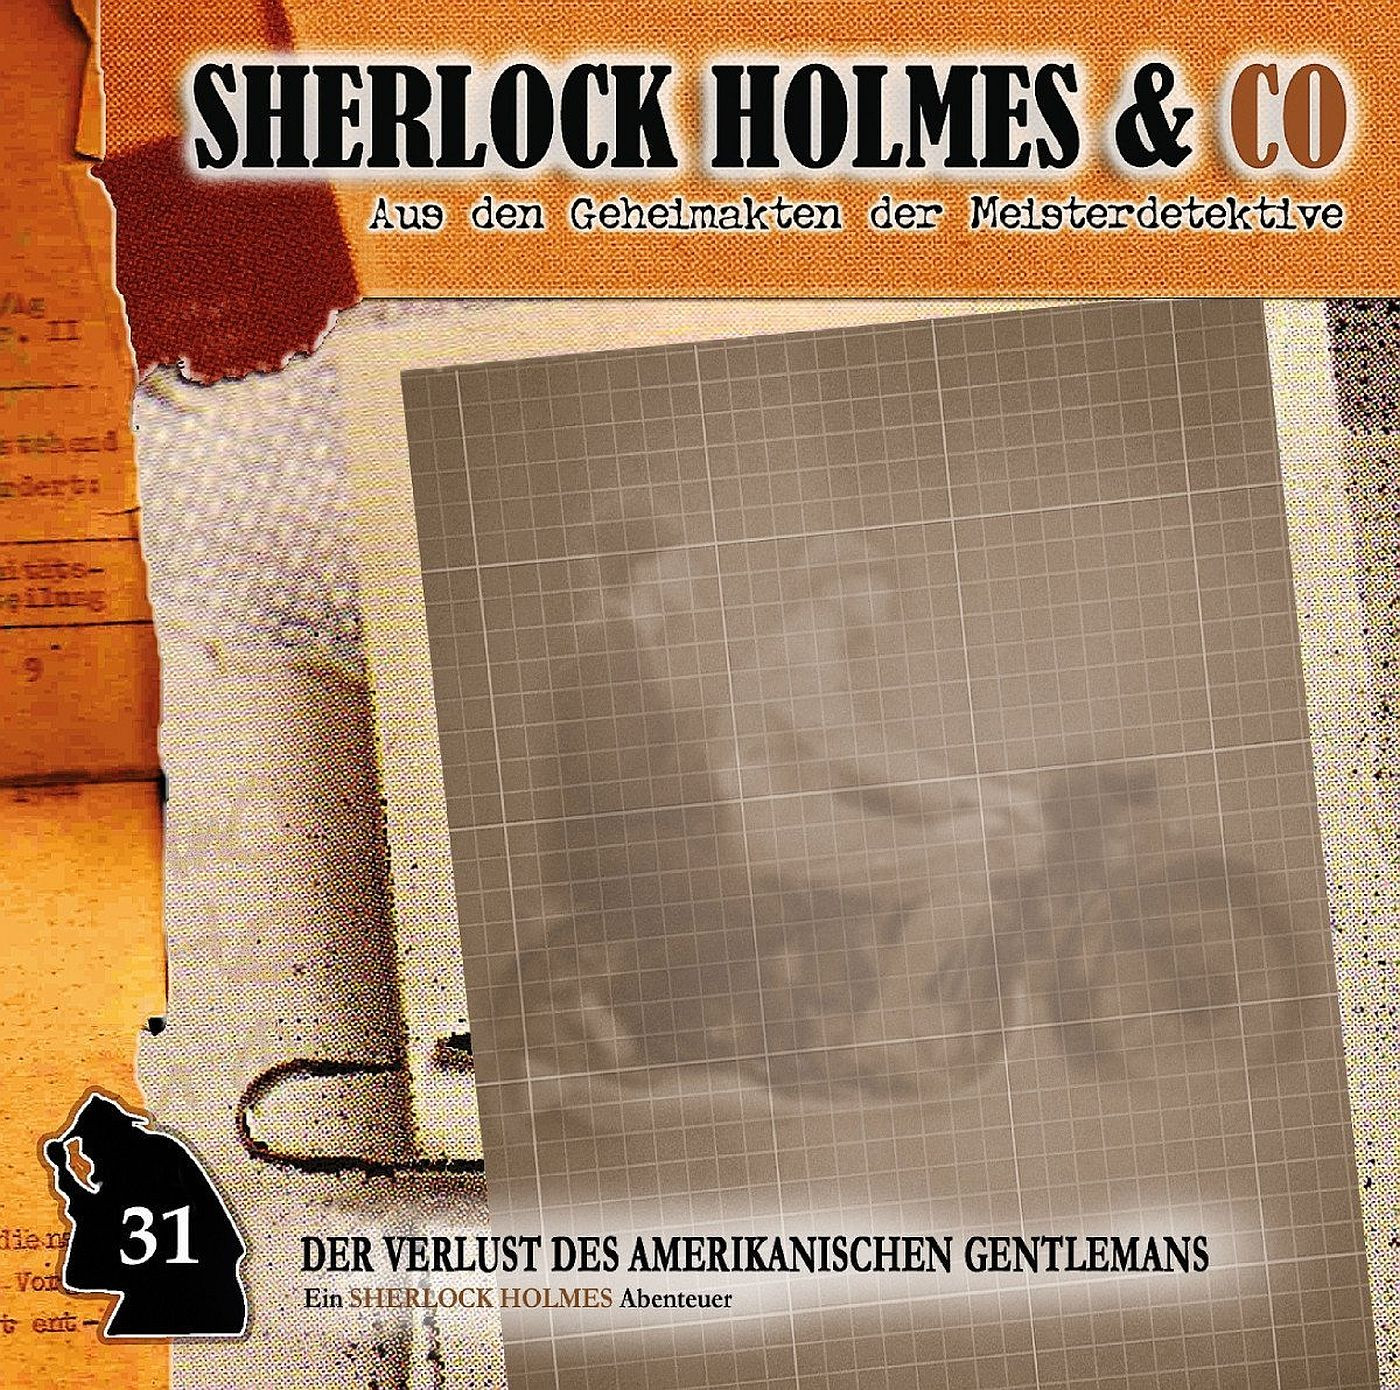 Sherlock Holmes und Co. 31 Der Verlust des amerikanischen Gentlemans (1. Teil)